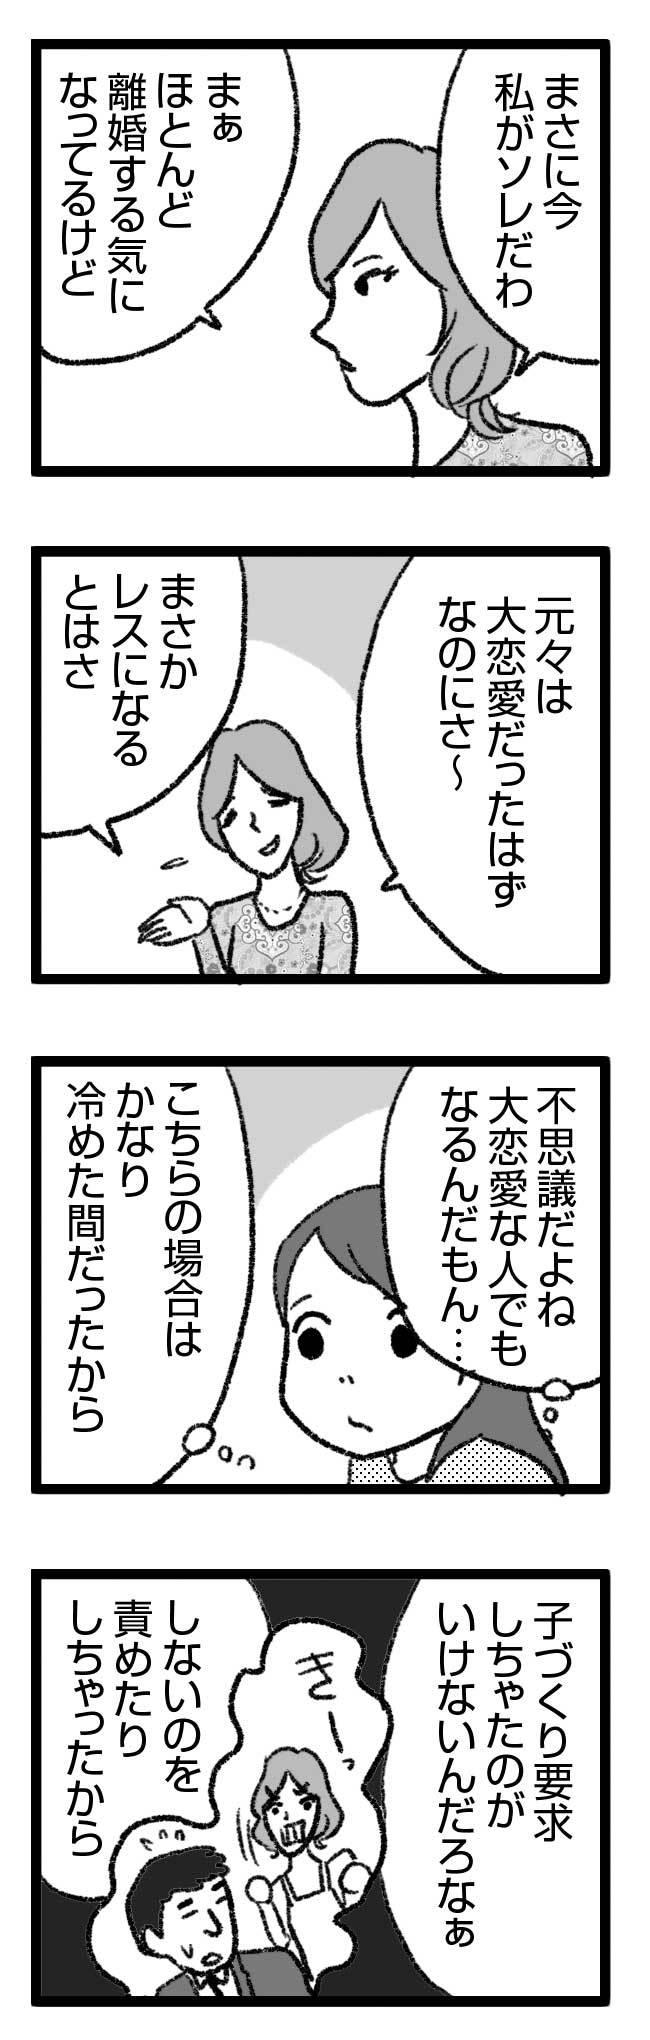 582 近所のレス友 2 2_2 結婚 離婚 別居 別居中 レス あるある 友達 話 辛い 漫画 まんが マンガ